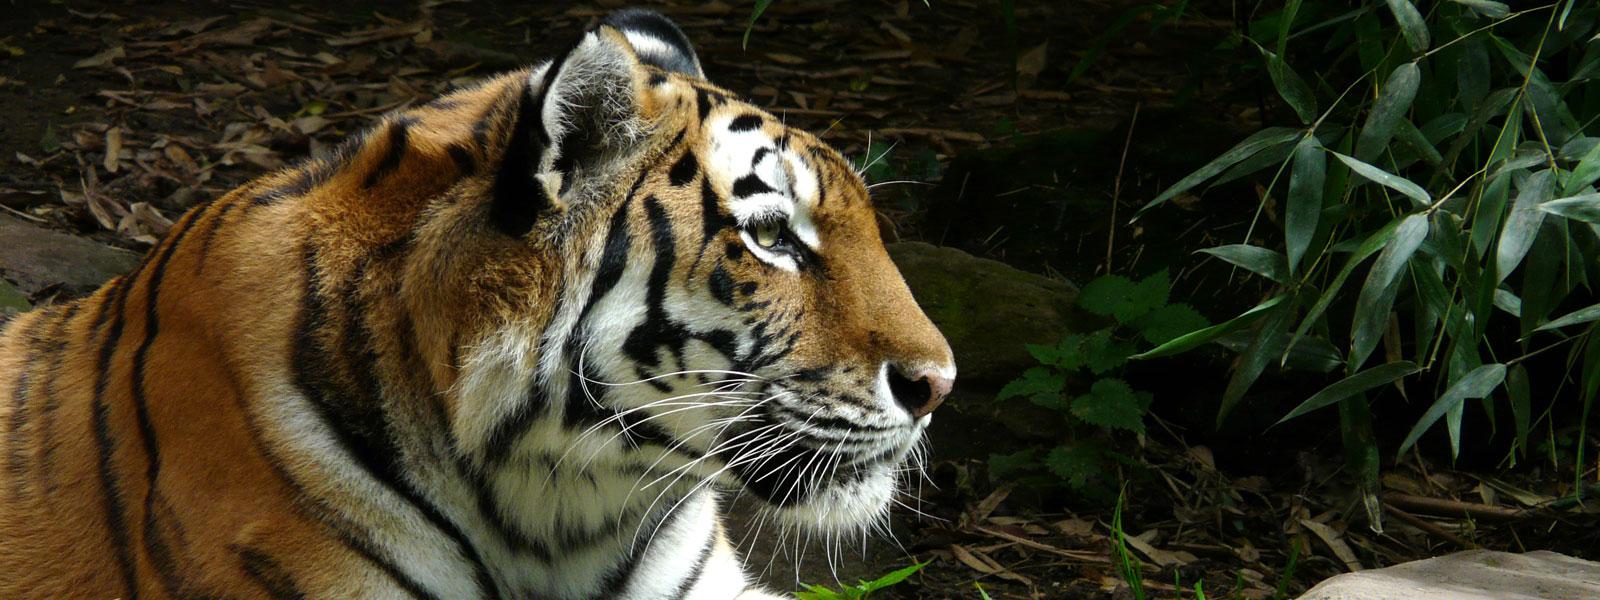 Panthera tigris jacksoni